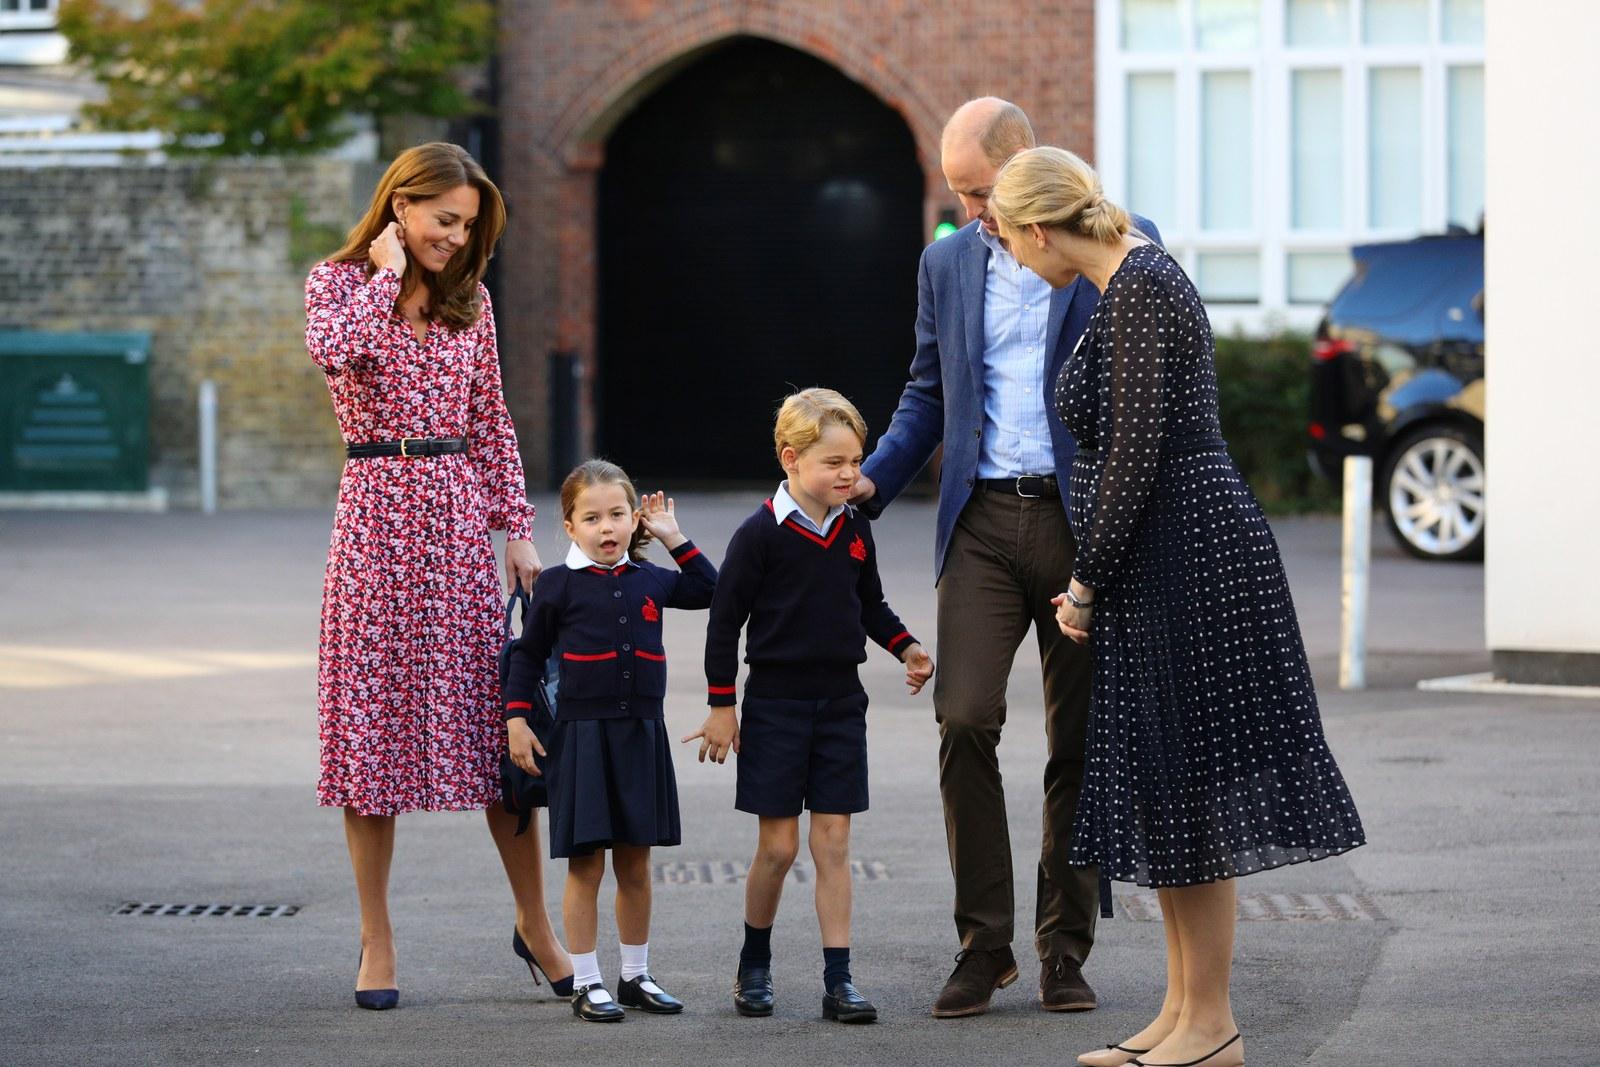 Принц Уильям и Кейт Миддлтон отвели Джорджа и Шарлотту в школу